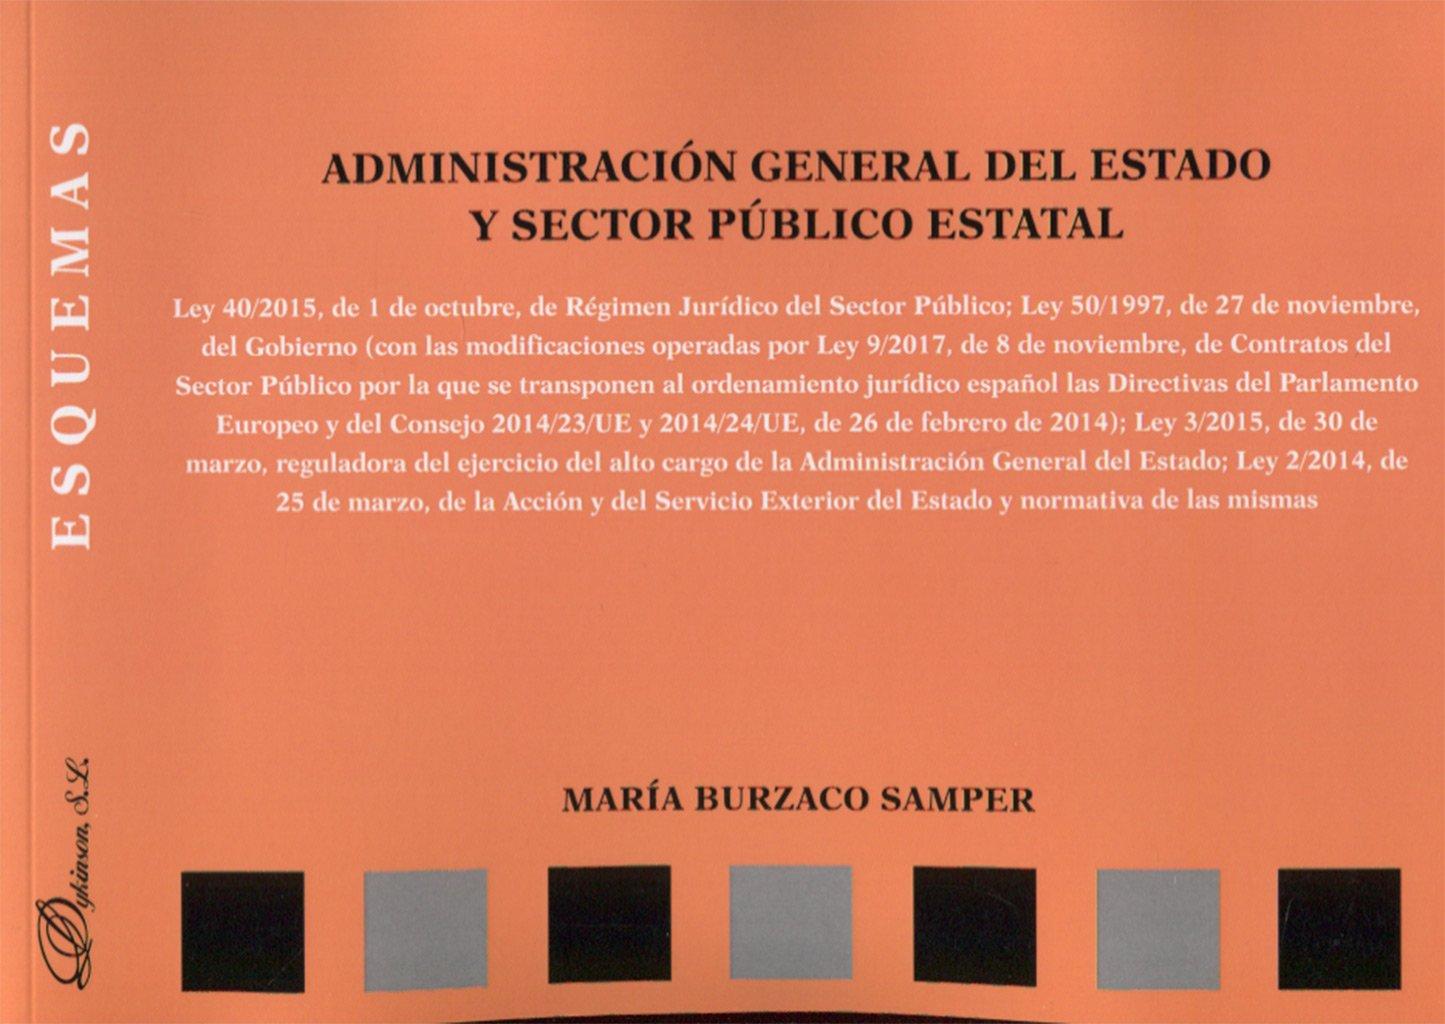 Administración General del Estado y sector público estatal. Esquemas Tapa blanda – 29 ene 2018 María Burzaco Samper Editorial Dykinson S.L. 8491485112